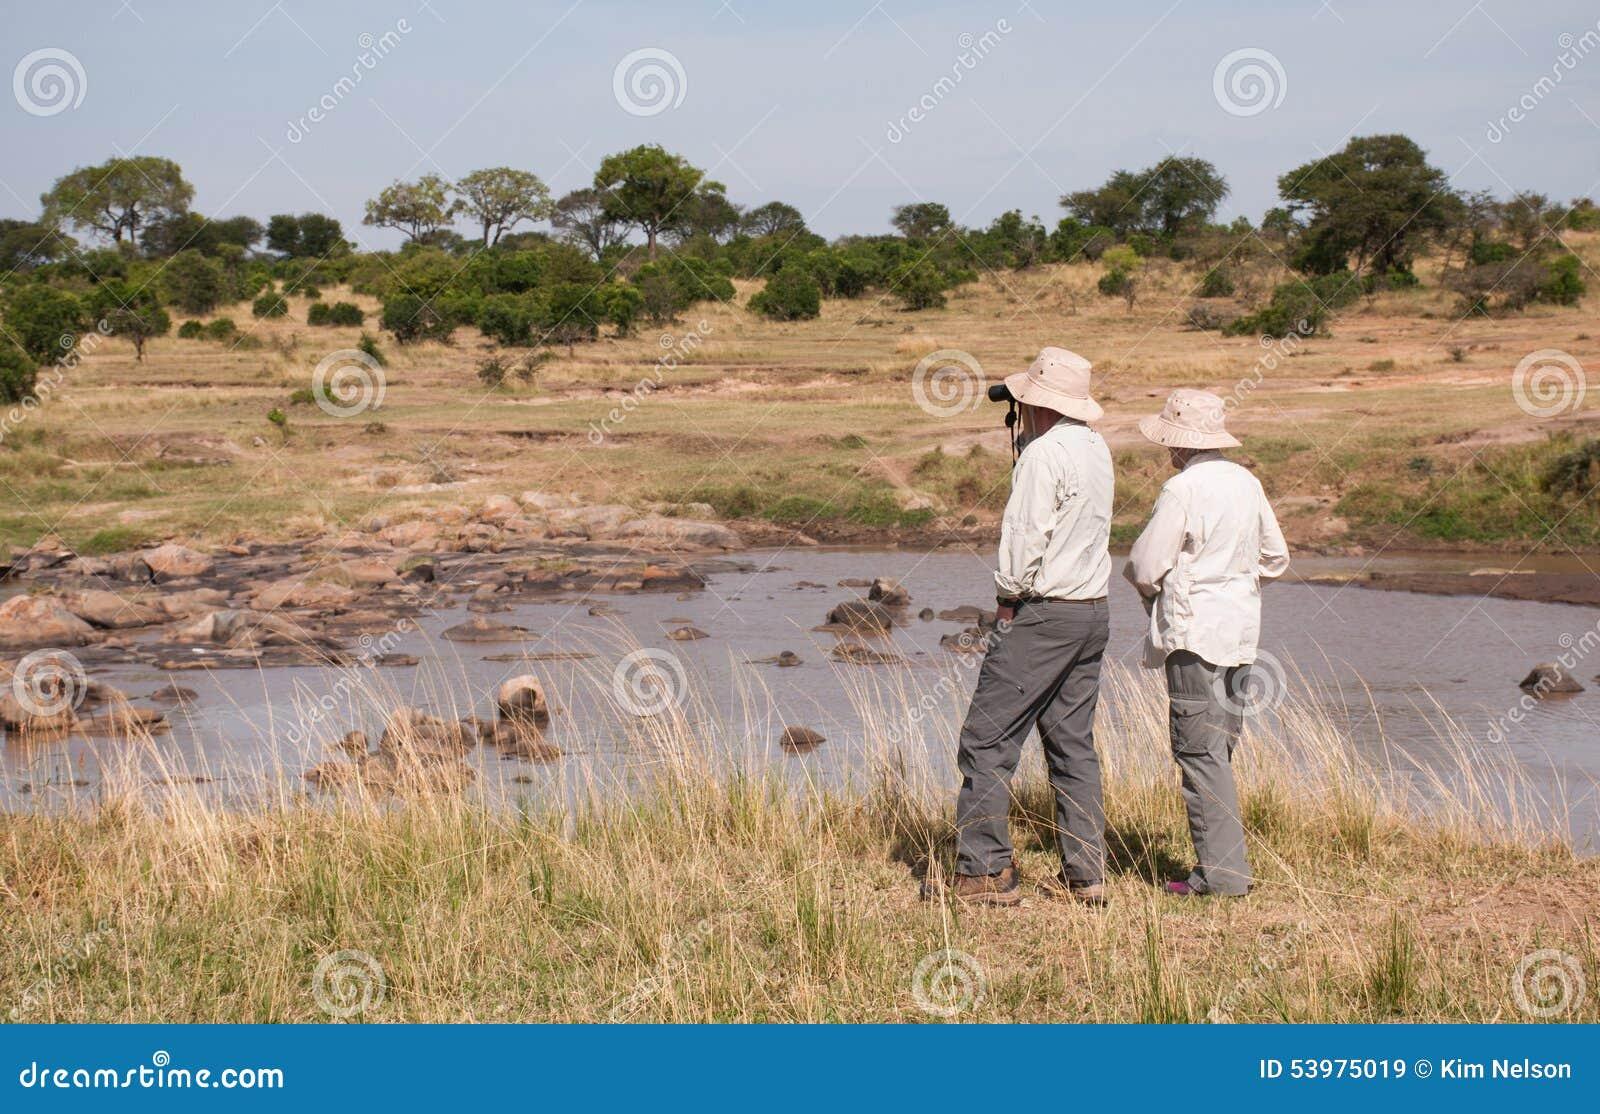 People On Safari In Tanzania, Mara River Stock Photo